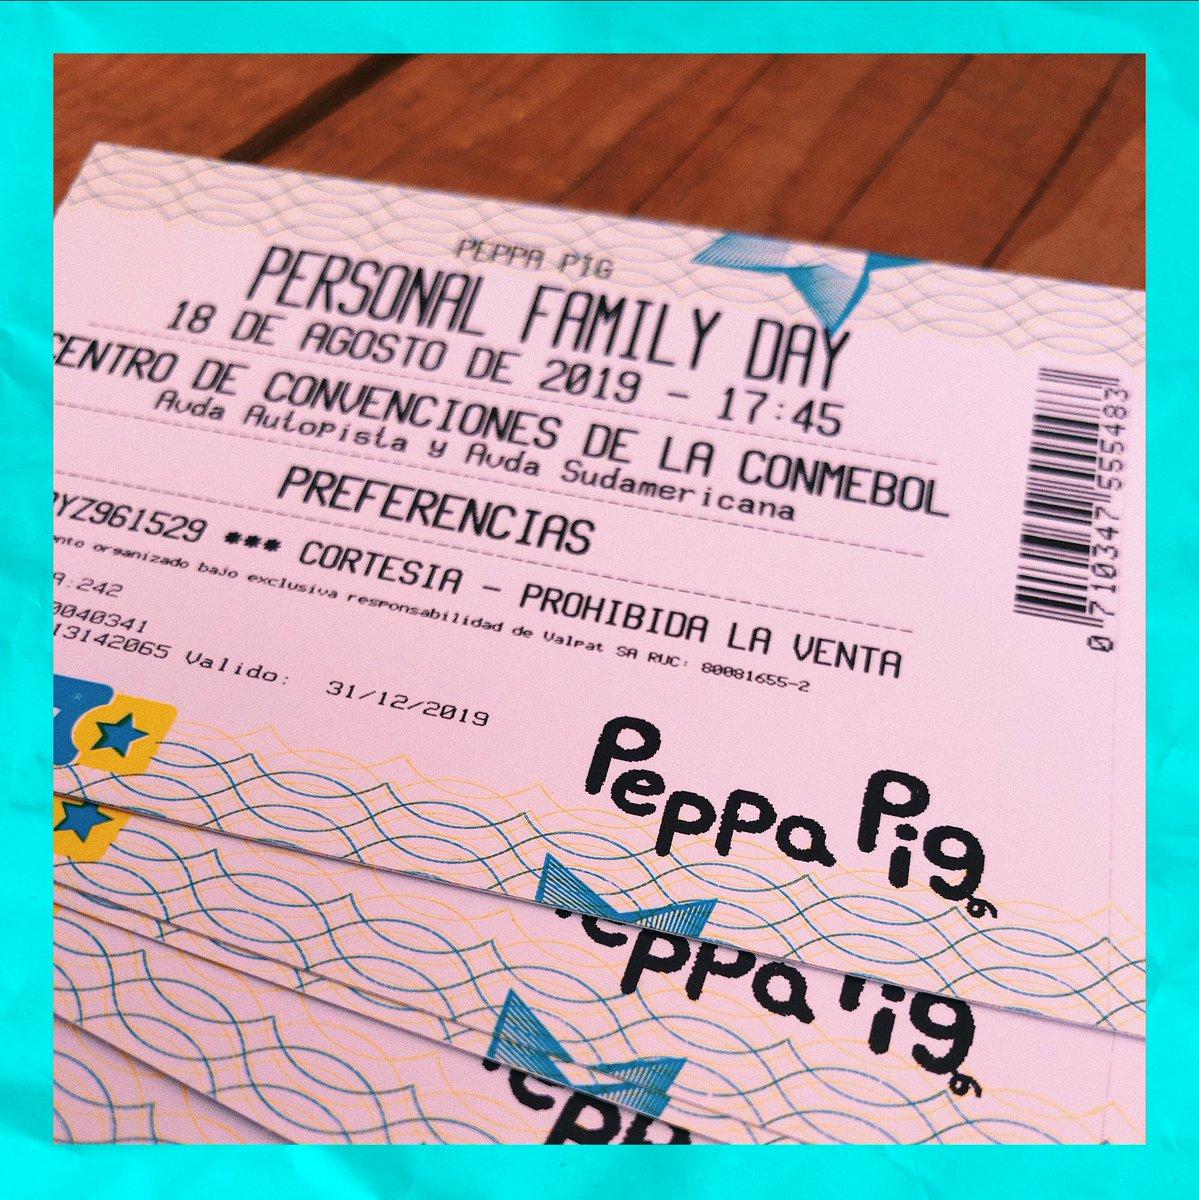 ¡Tenemos entradas para el show de #PeppaPig en el Family Day de @personalpy! 🐷🎉 Para participar, dale RT, contános a quien te gustaria llevar y dejá tus 3 últimos 🙌🏻 Anunciamos ganadores este jueves! 👇🏻